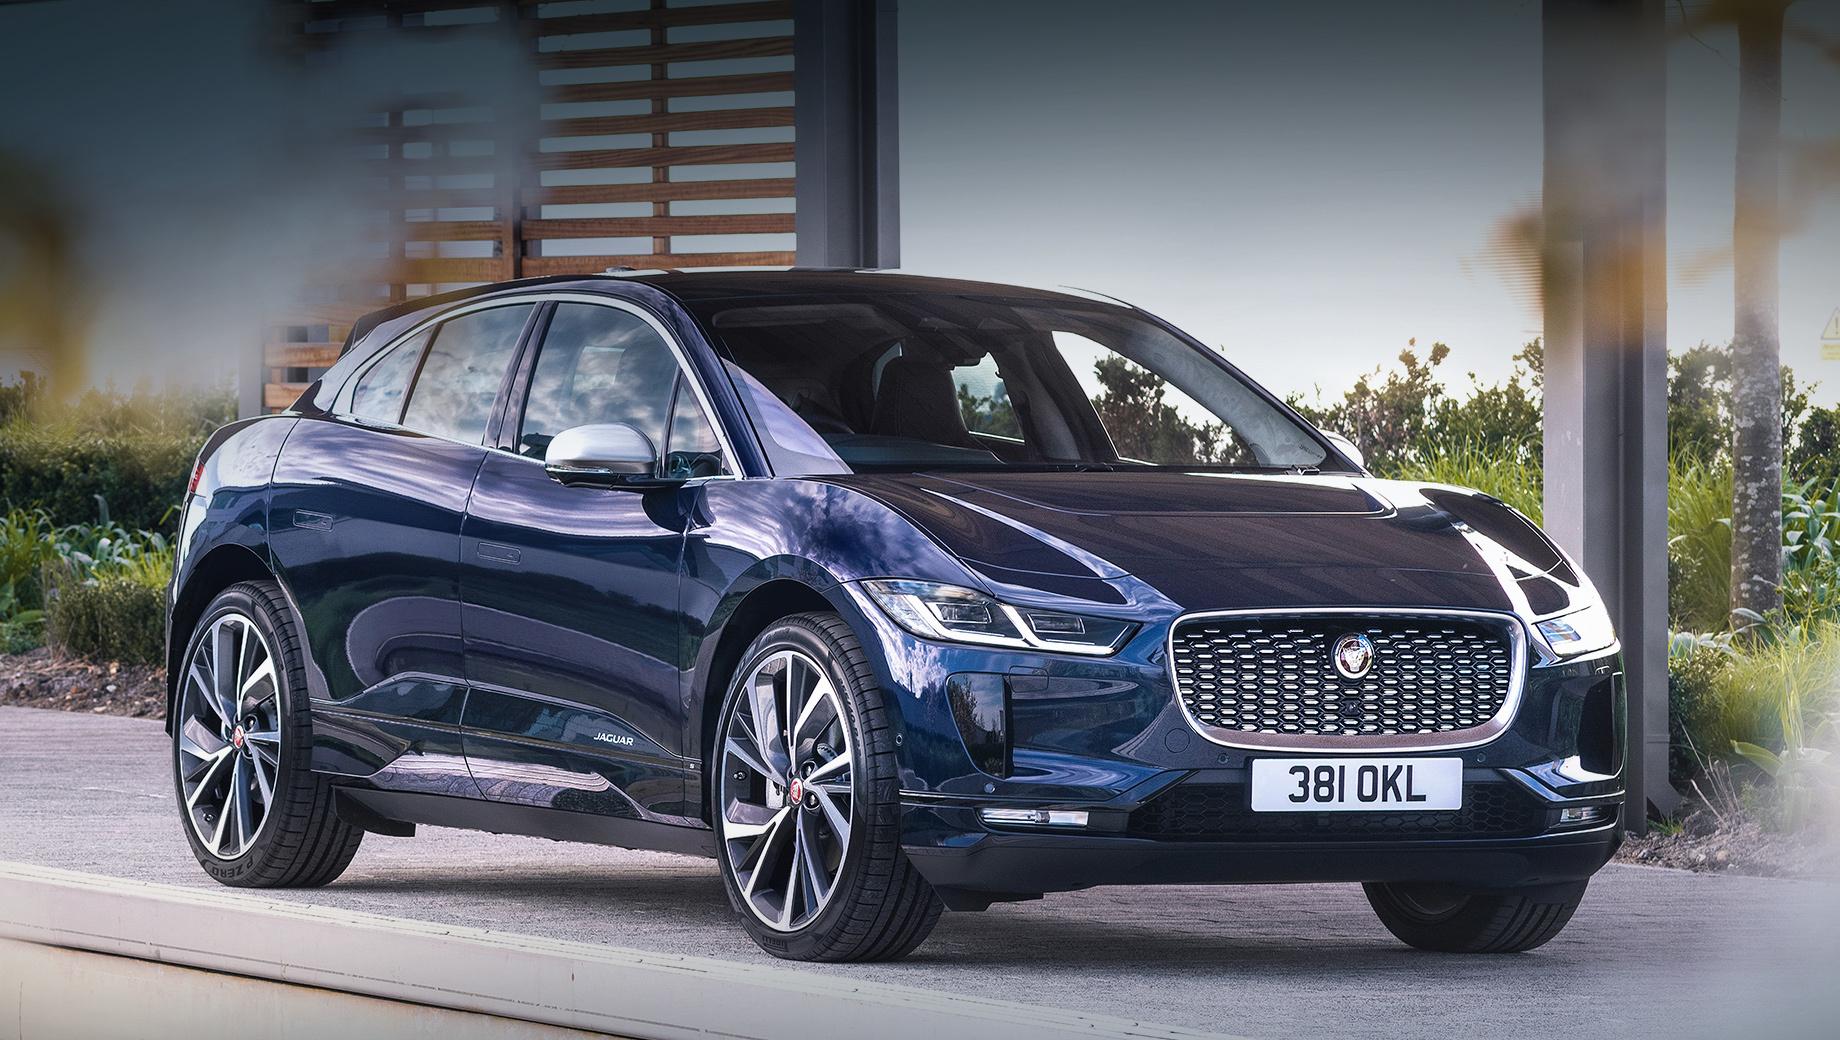 Jaguar i-pace. Машины 2021 модельного года обновились и внешне. Базовый I-Pace комплектуется новой решёткой радиатора Atlas Grey, а опционально доступны новые цвета кузова, 19-дюймовые колёса (впервые на модели) и внешняя отделка Bright Pack. Два электромотора по-прежнему выдают 400 л.с. и 696 Н•м.